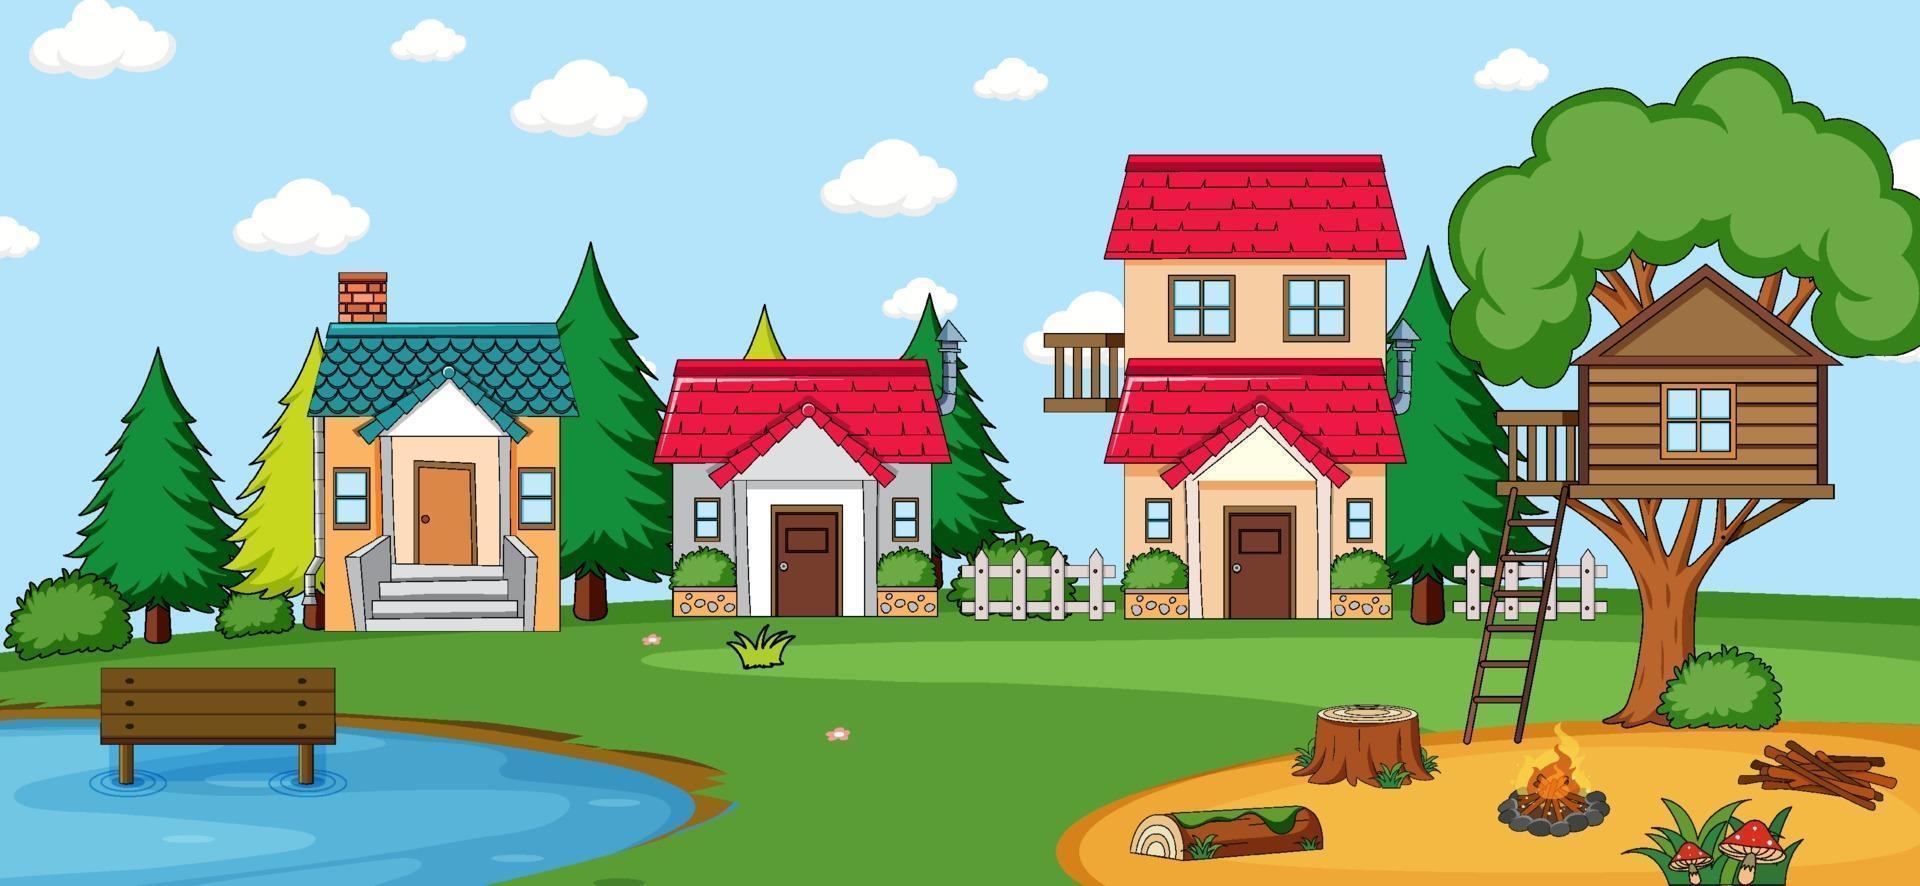 Outdoor-Szene mit vielen Häusern in der Naturszene vektor